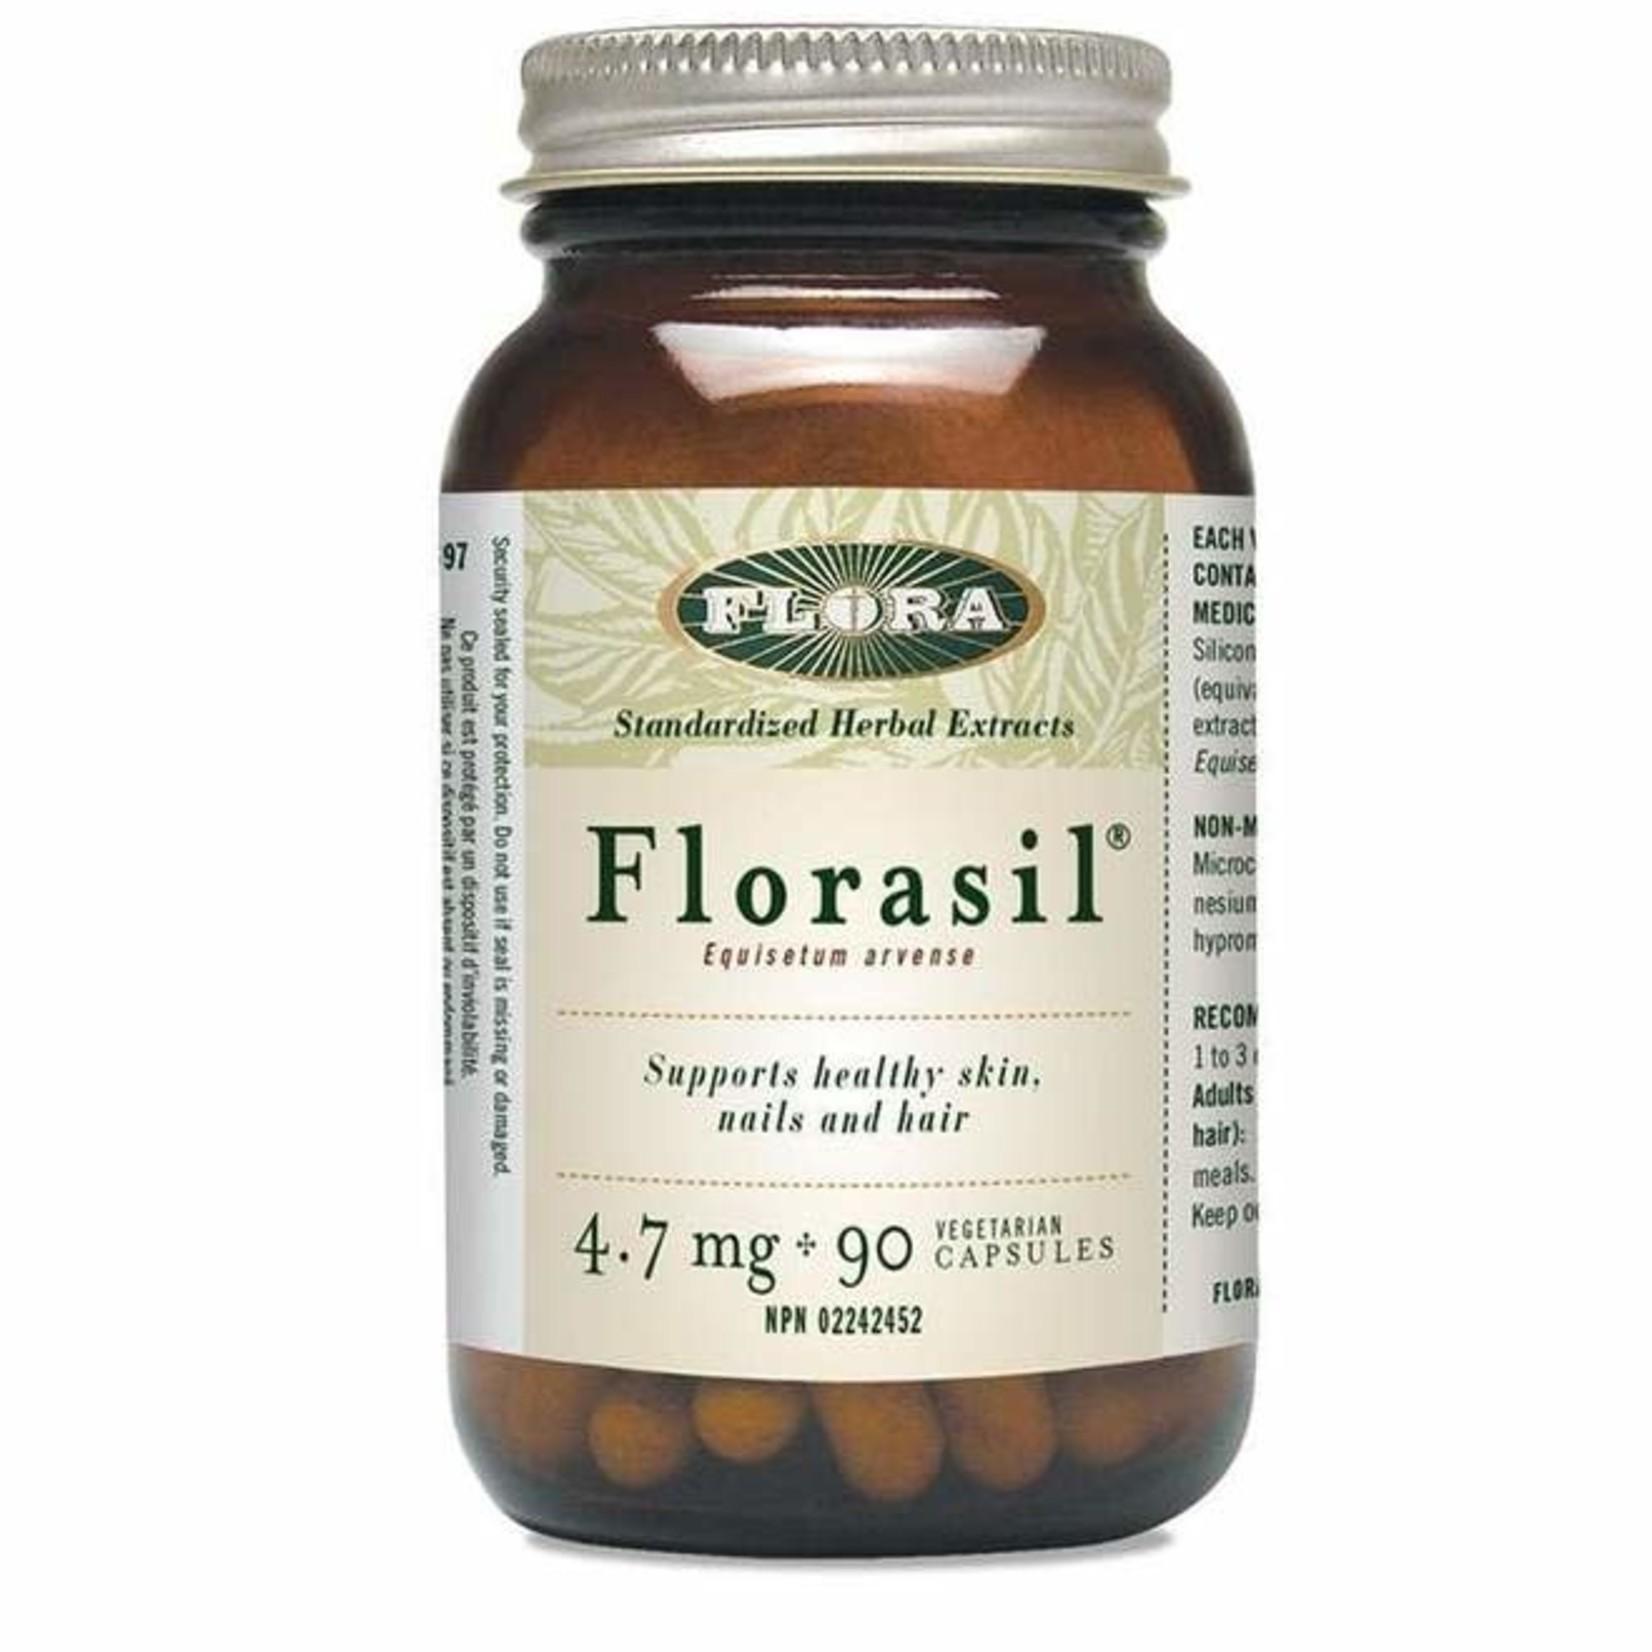 Flora Flora Florasil 90 caps